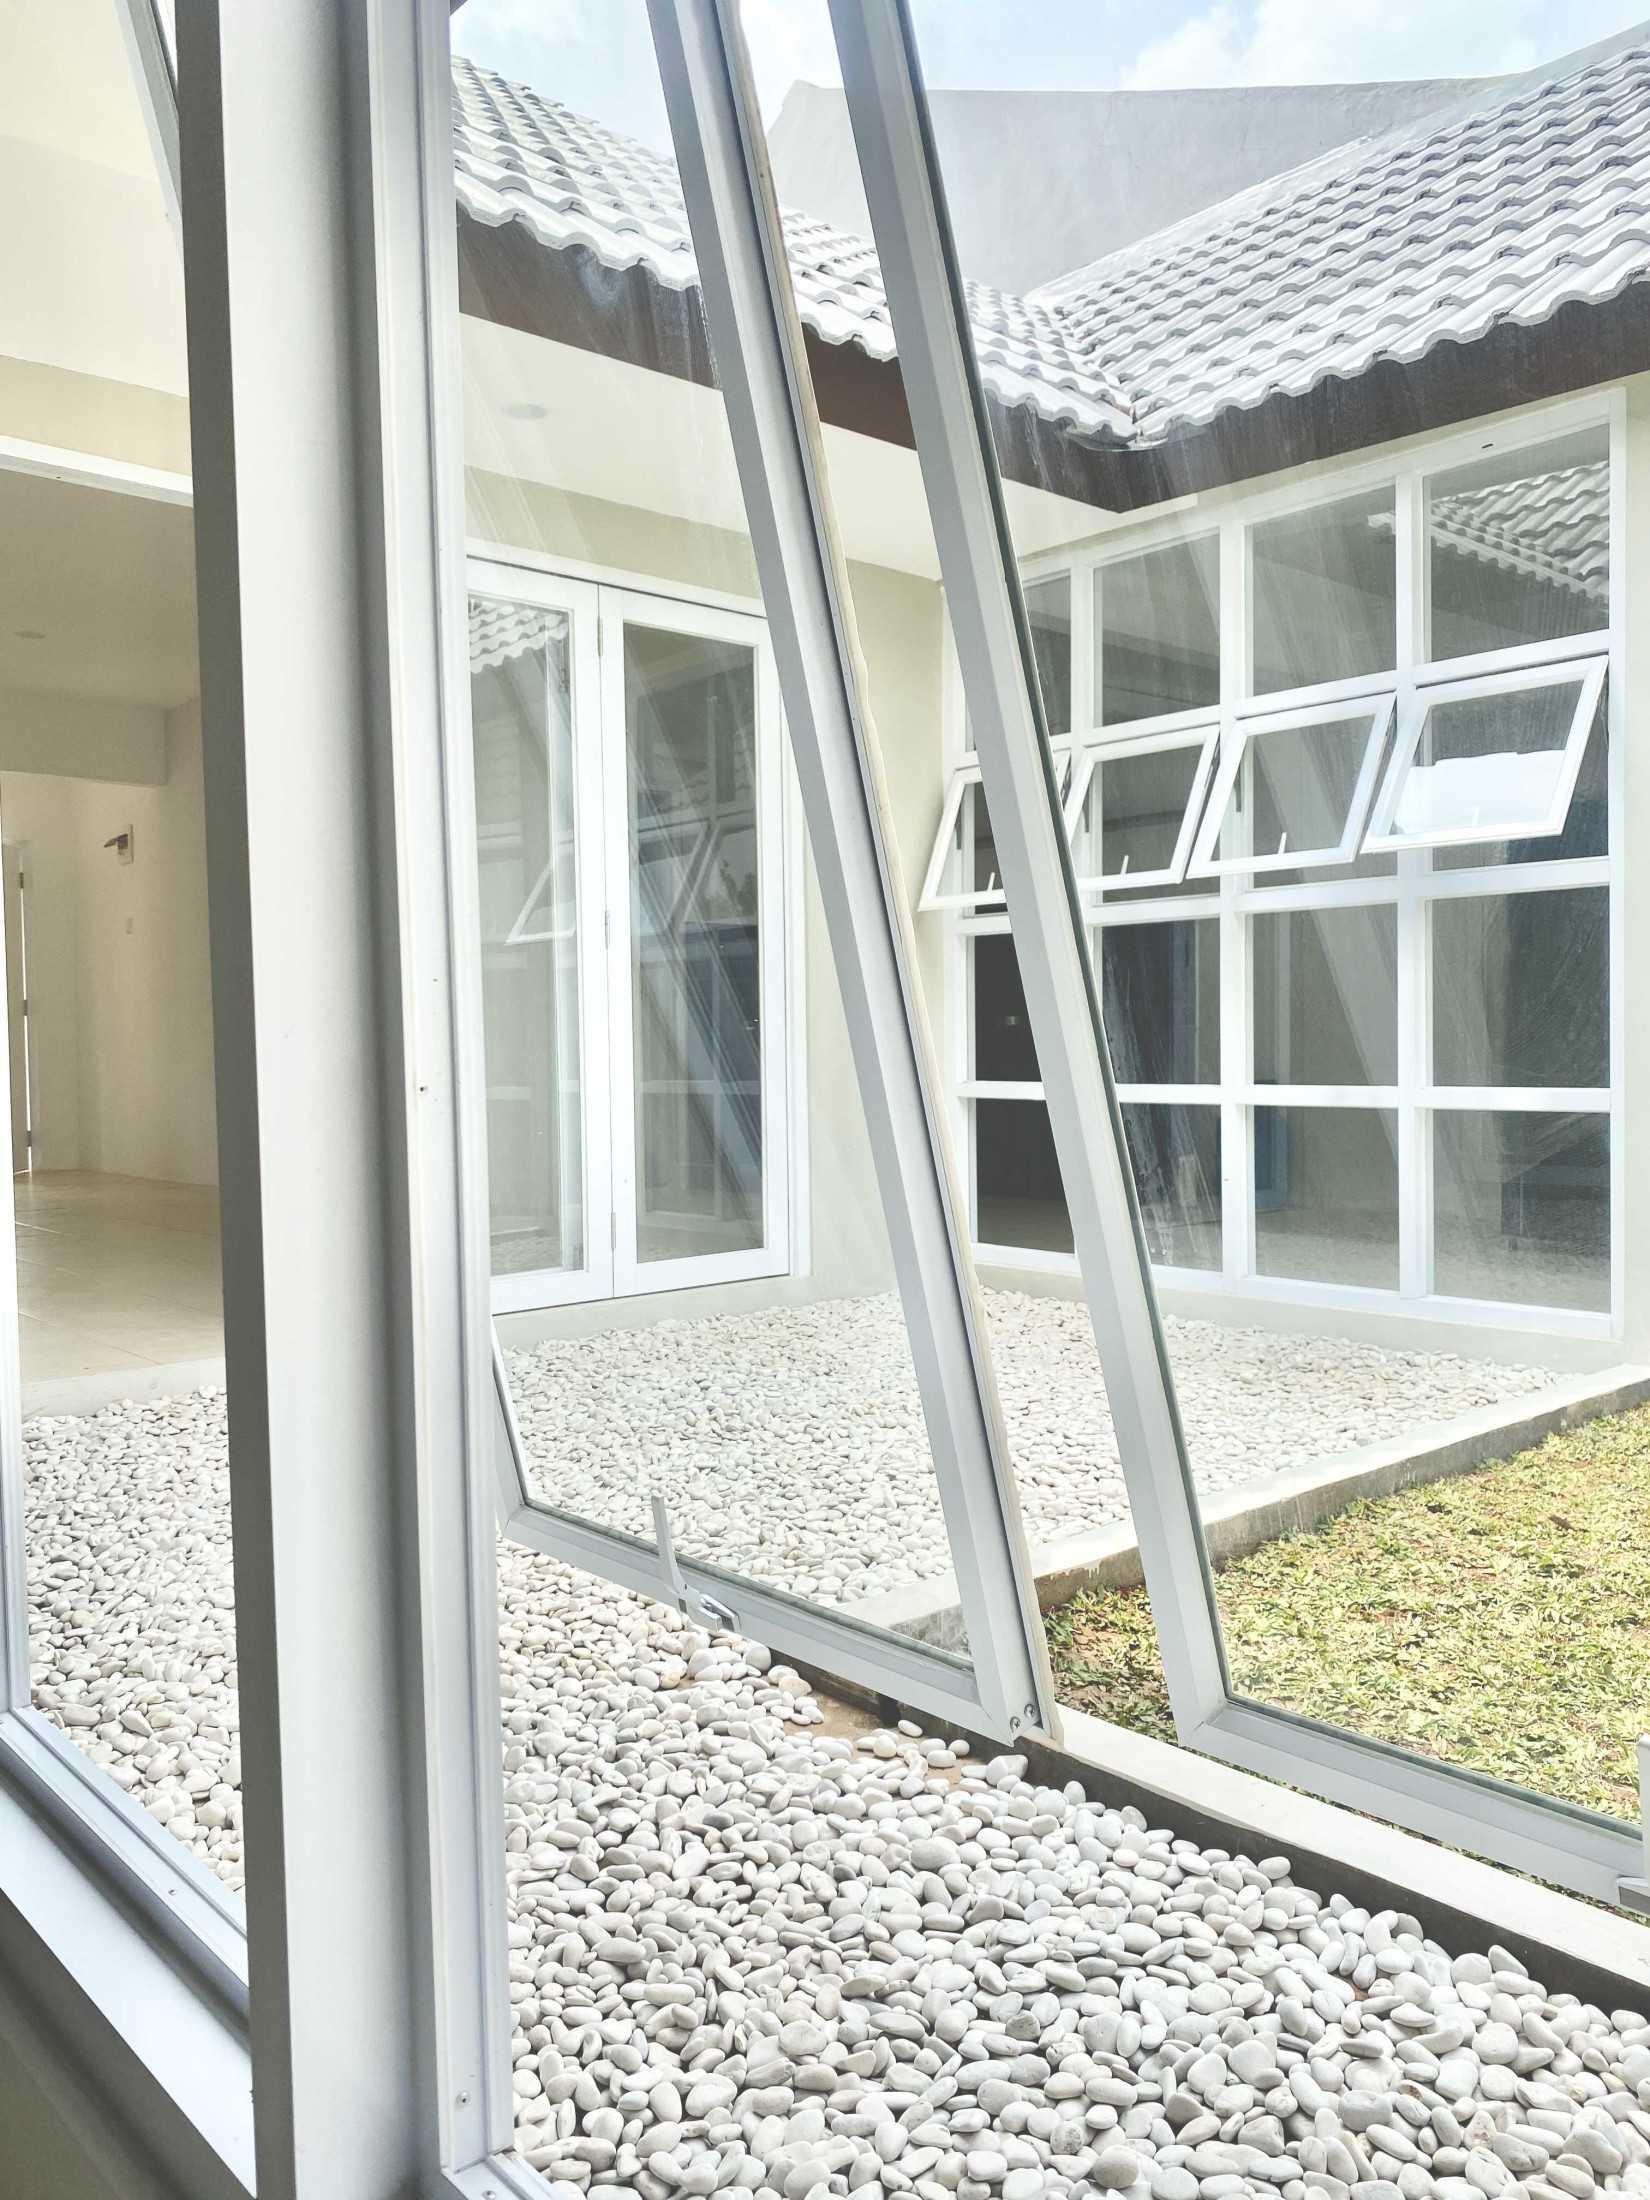 Studio Rna. Rumah Zamrud Bekasi, Kota Bks, Jawa Barat, Indonesia Bekasi, Kota Bks, Jawa Barat, Indonesia Studiorna-Rumah-Zamrud  97580